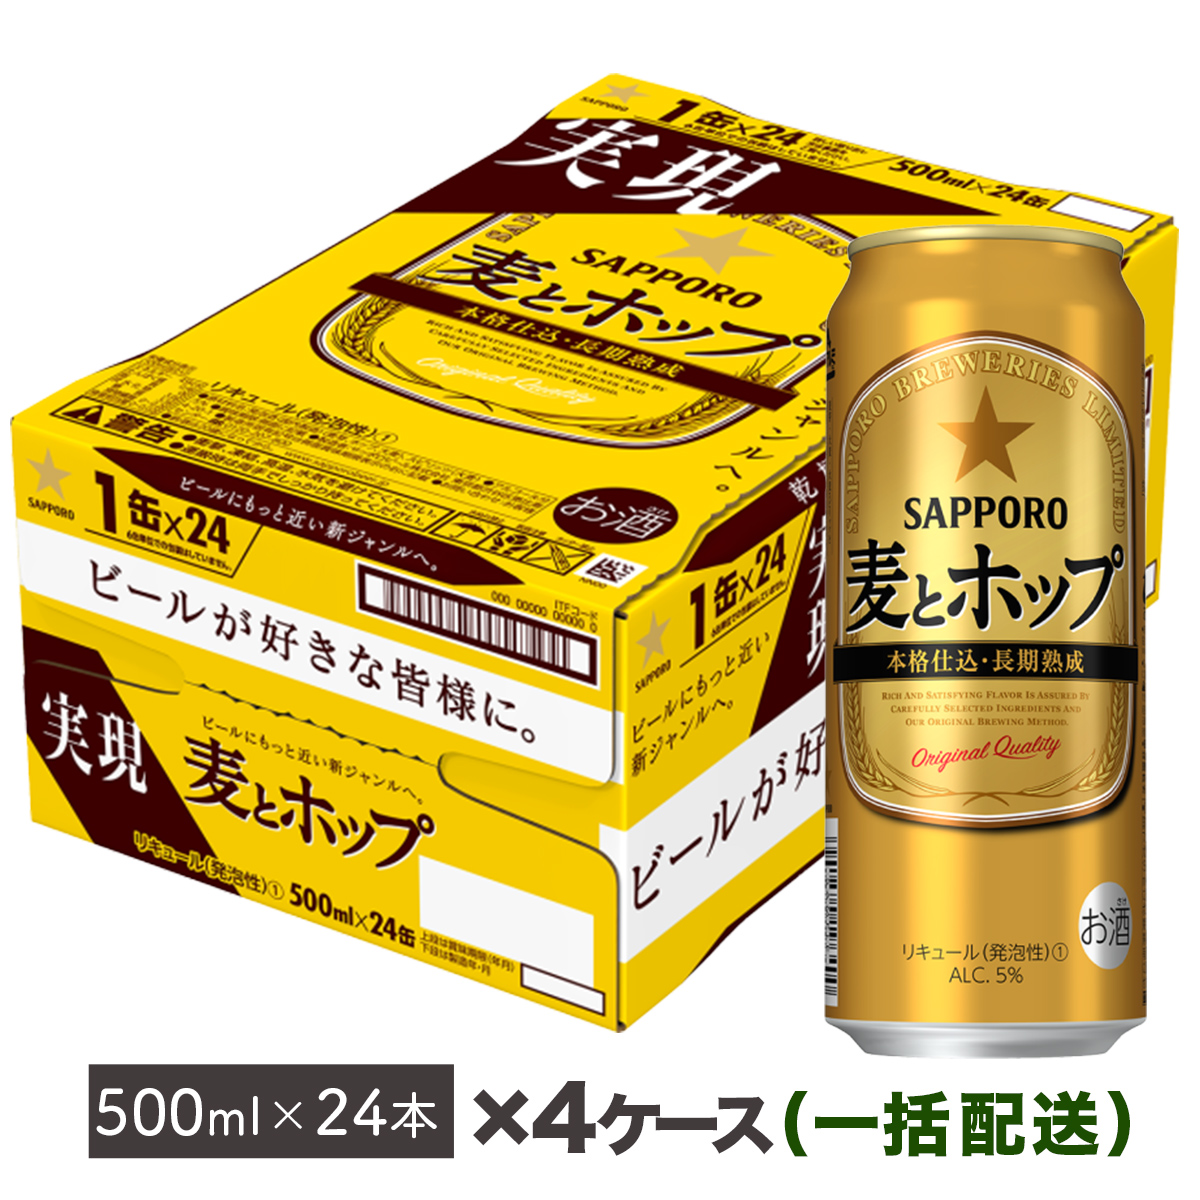 【ふるさと納税】地元名取生産 麦とホップ 500ml 24本 4箱お届け(同時お届け)